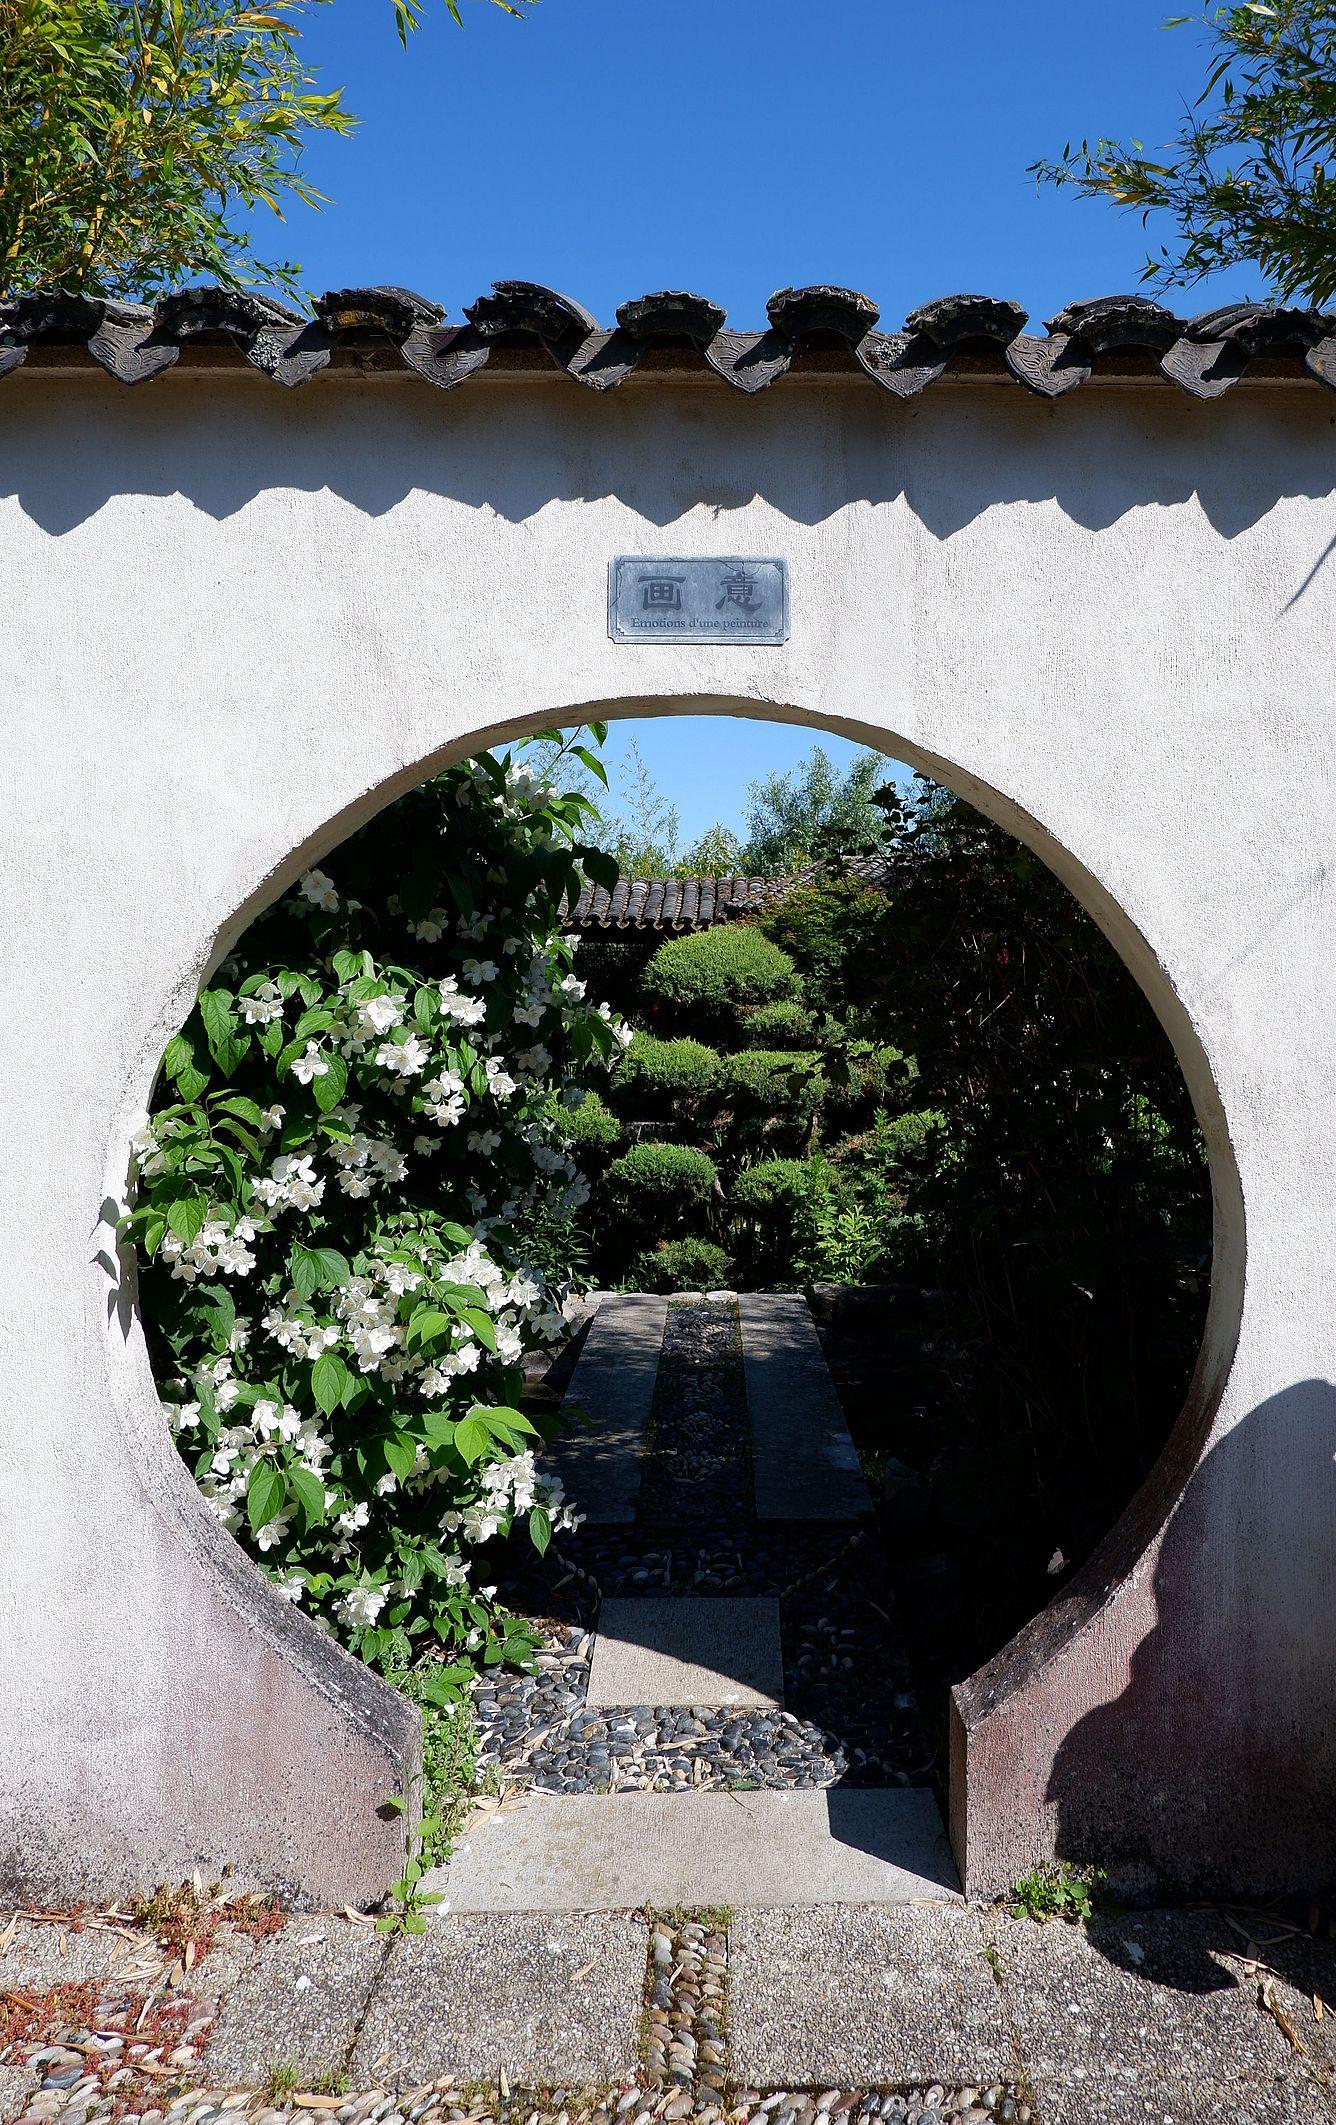 """Un portail circulaire avec au-dessus une inscription indiquant """"Emotions d'une peinture"""""""